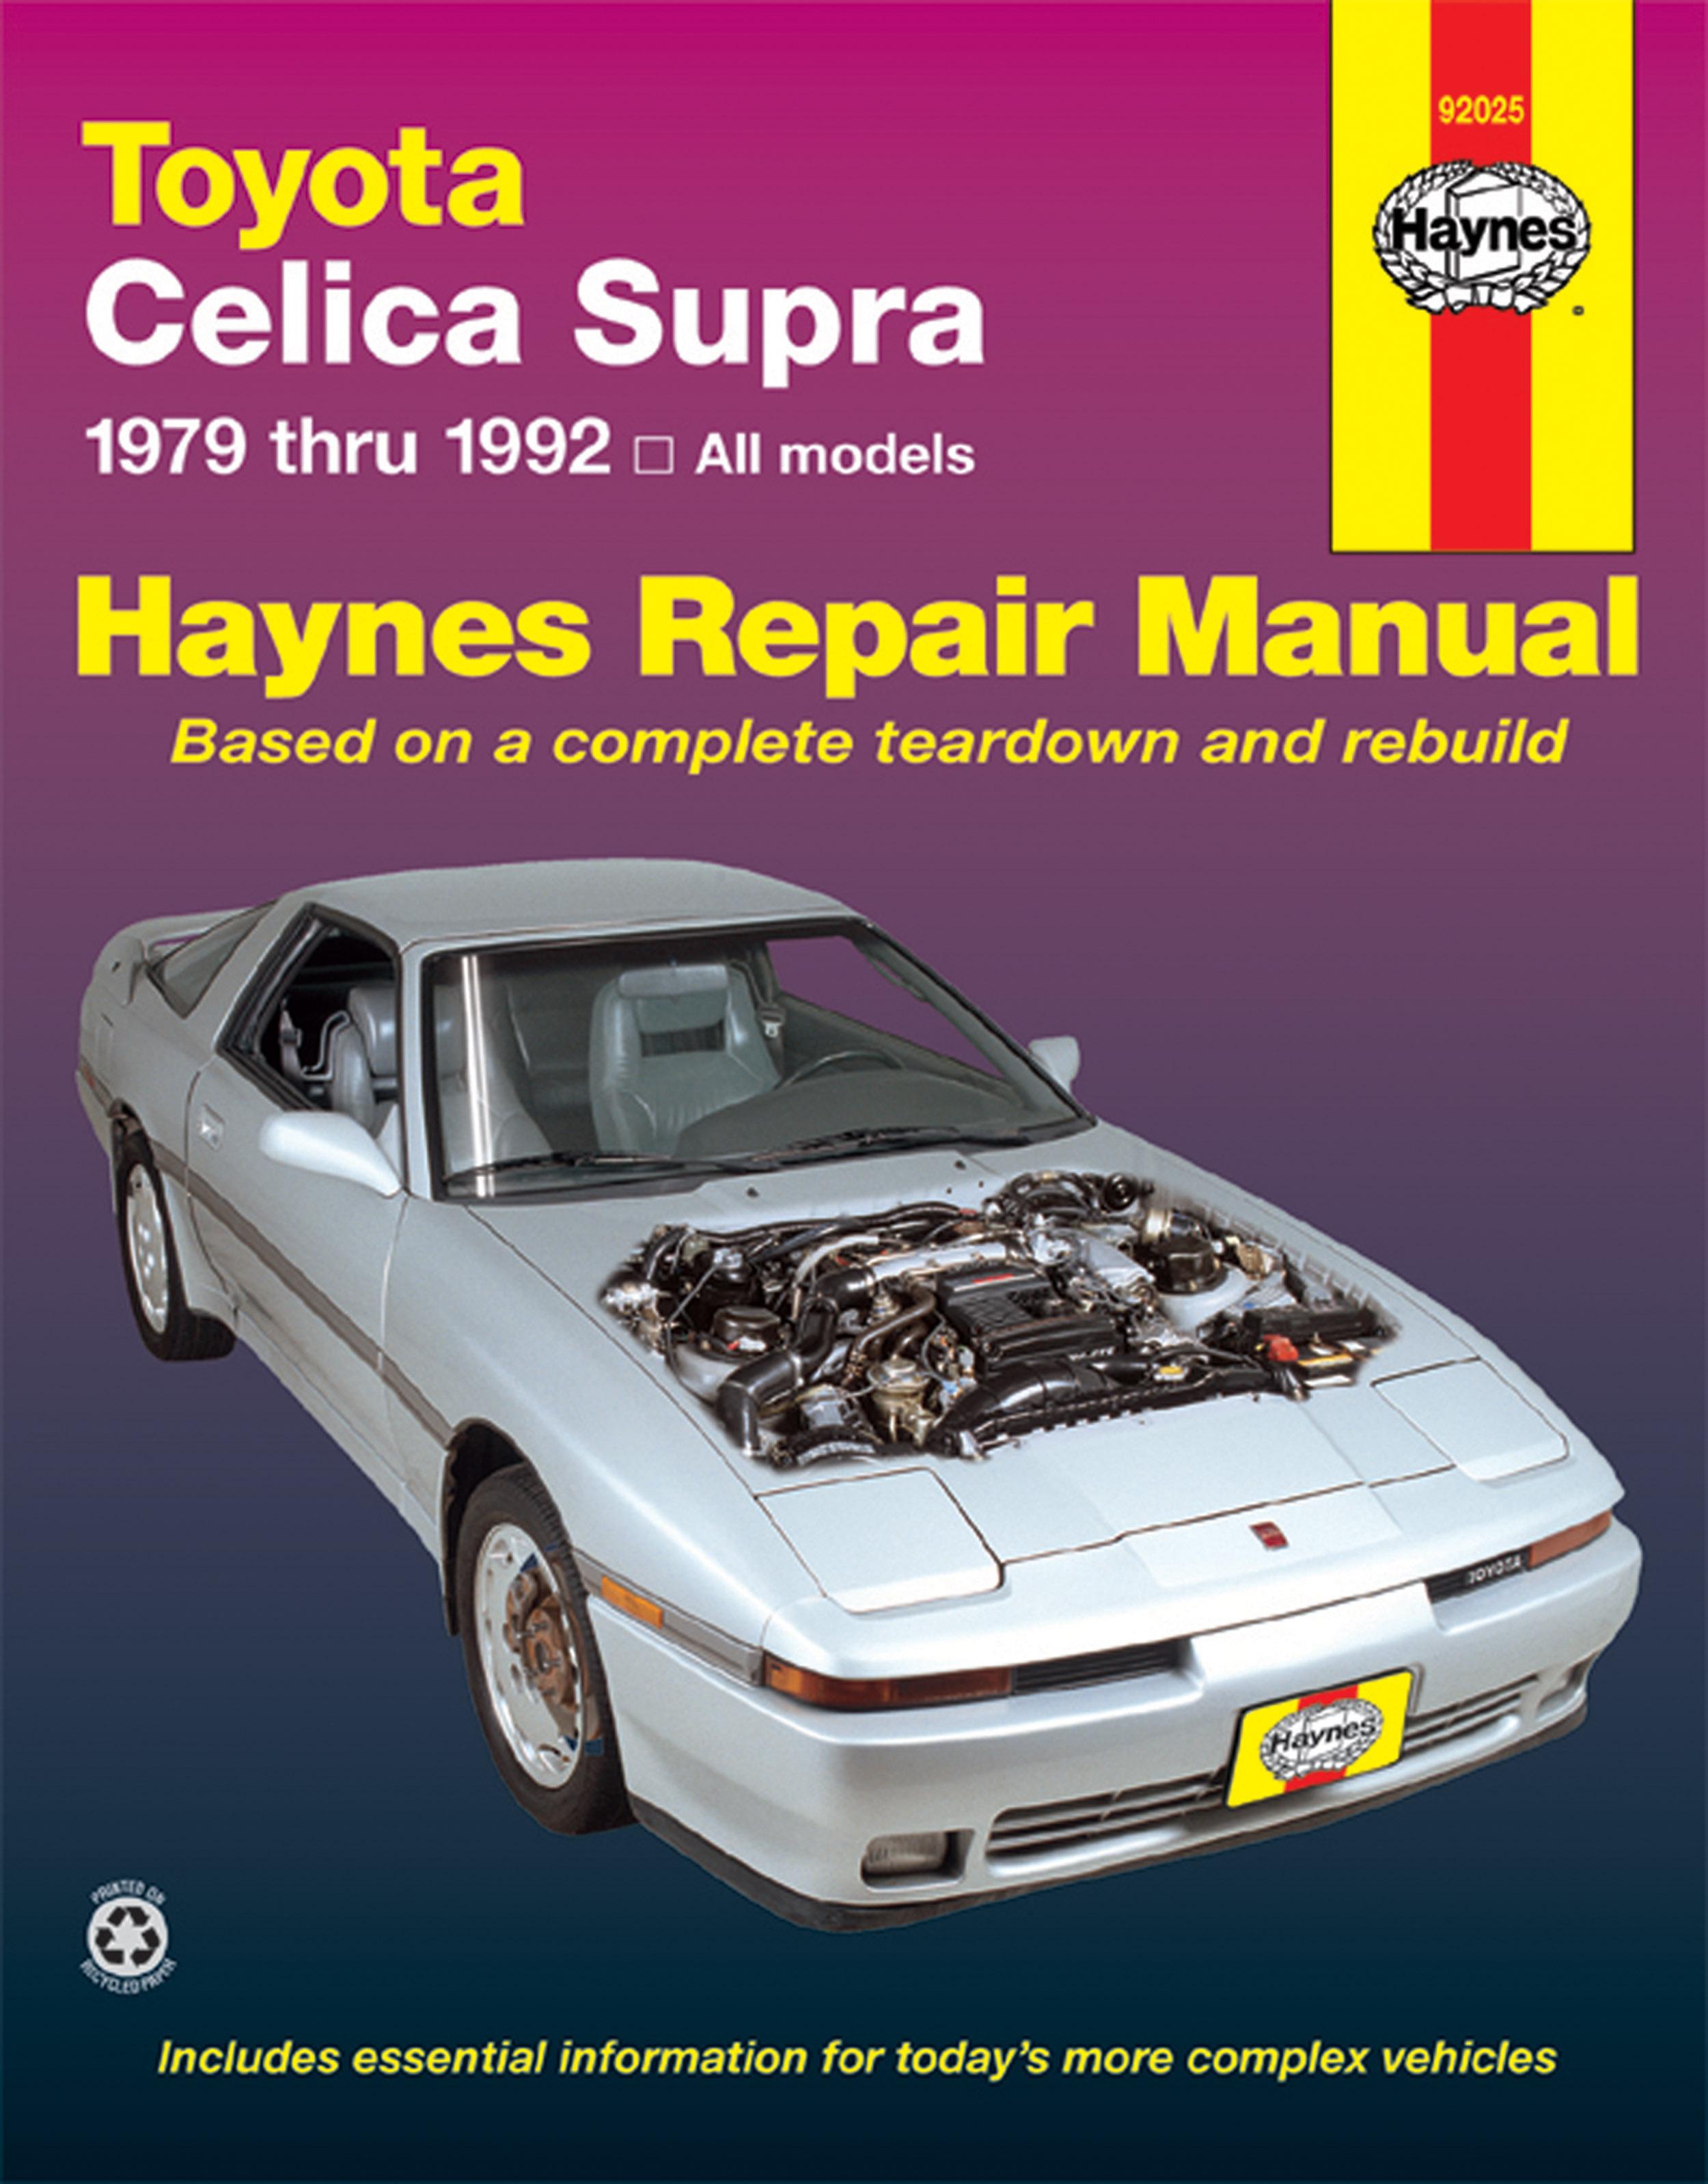 Toyota Celica Supra (79-92) Haynes Repair Manual